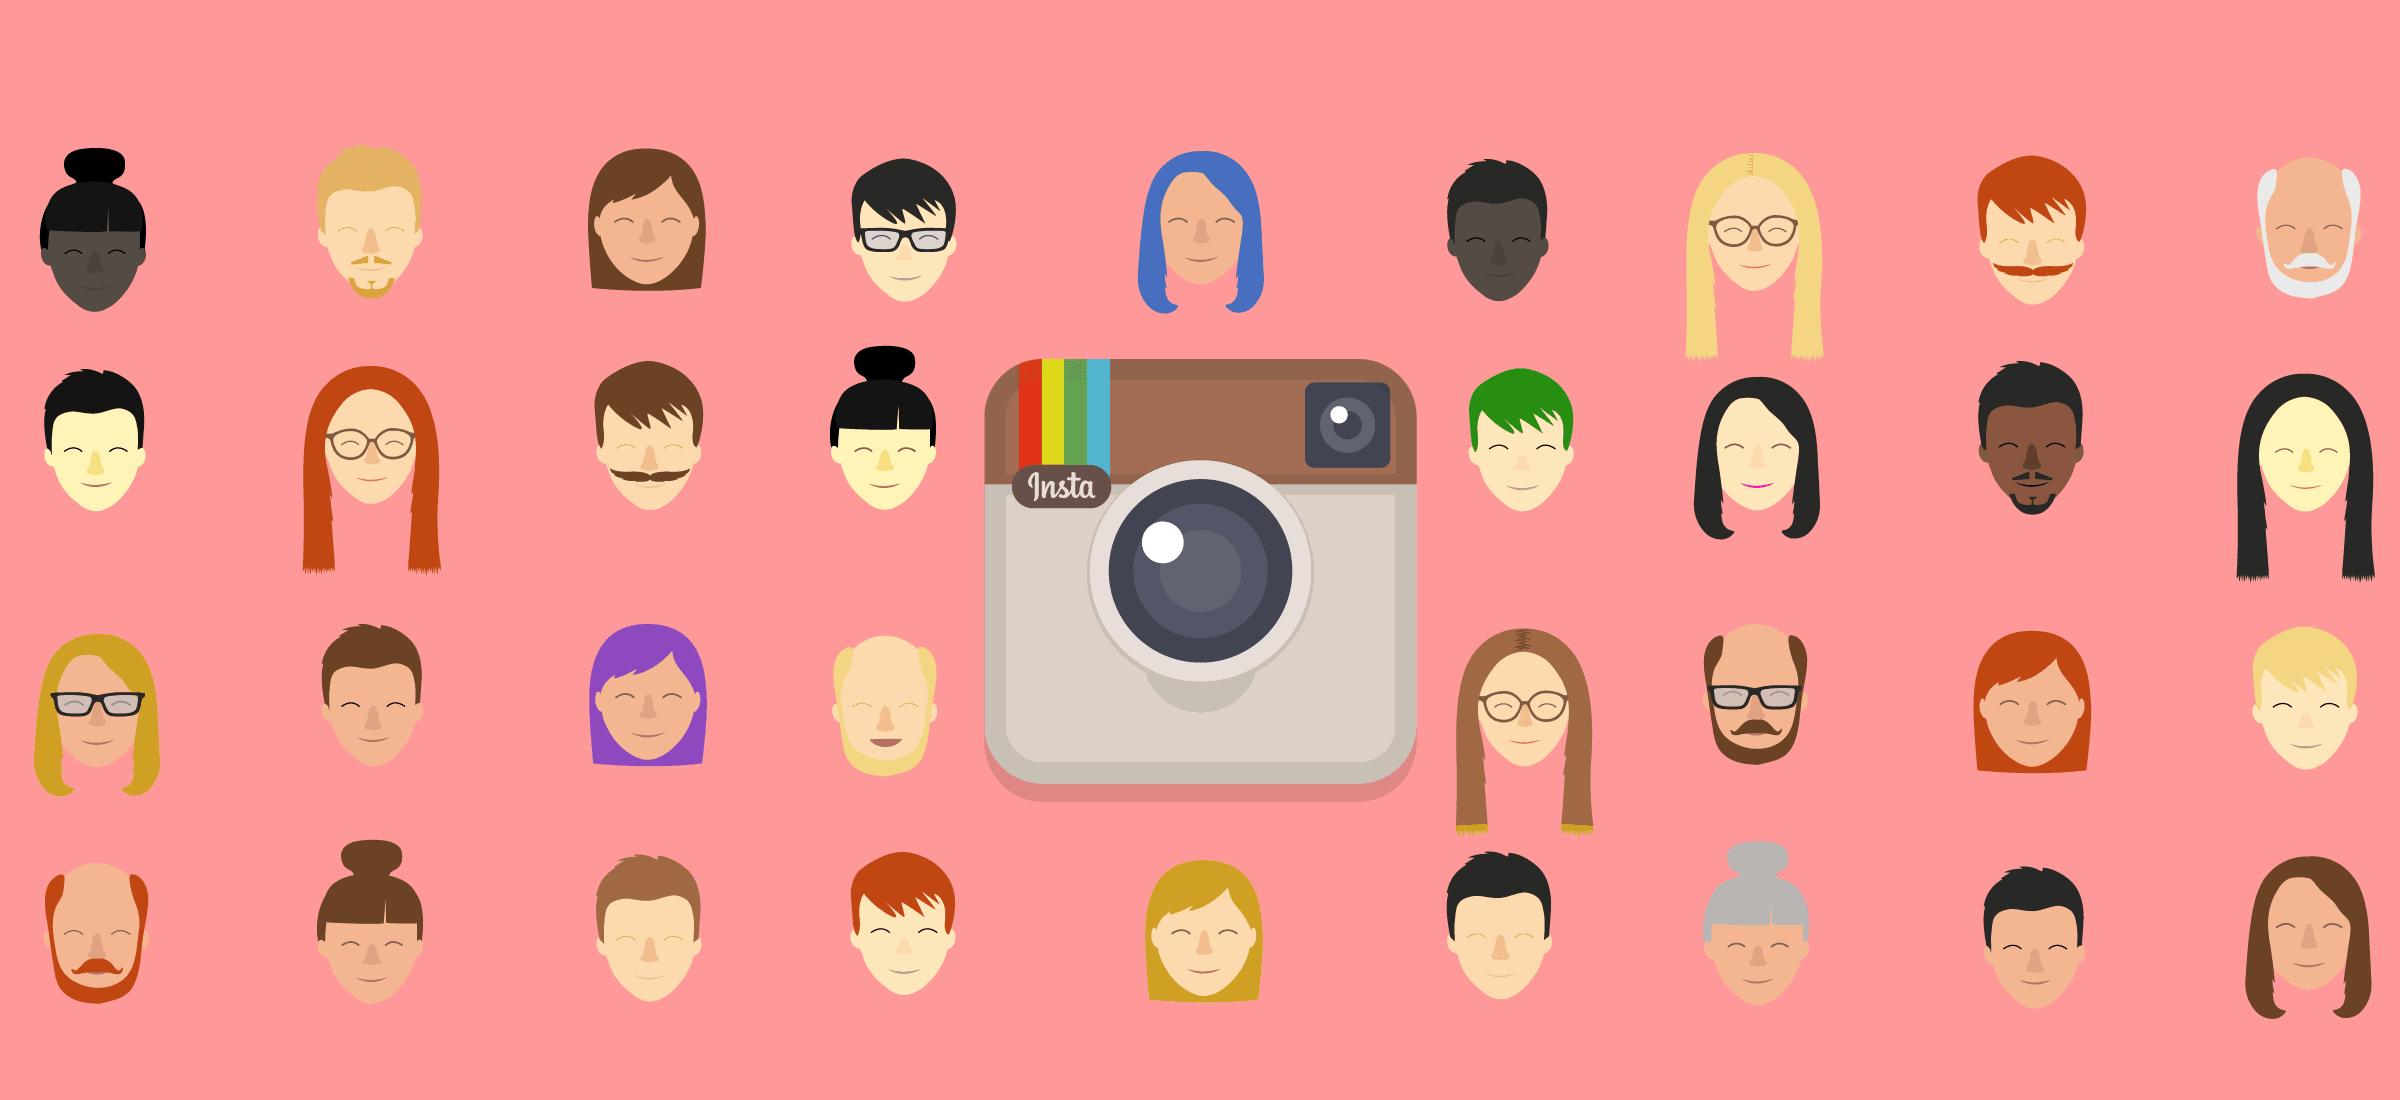 Jak założyć konto na Instagramie? – Instagram krok po kroku